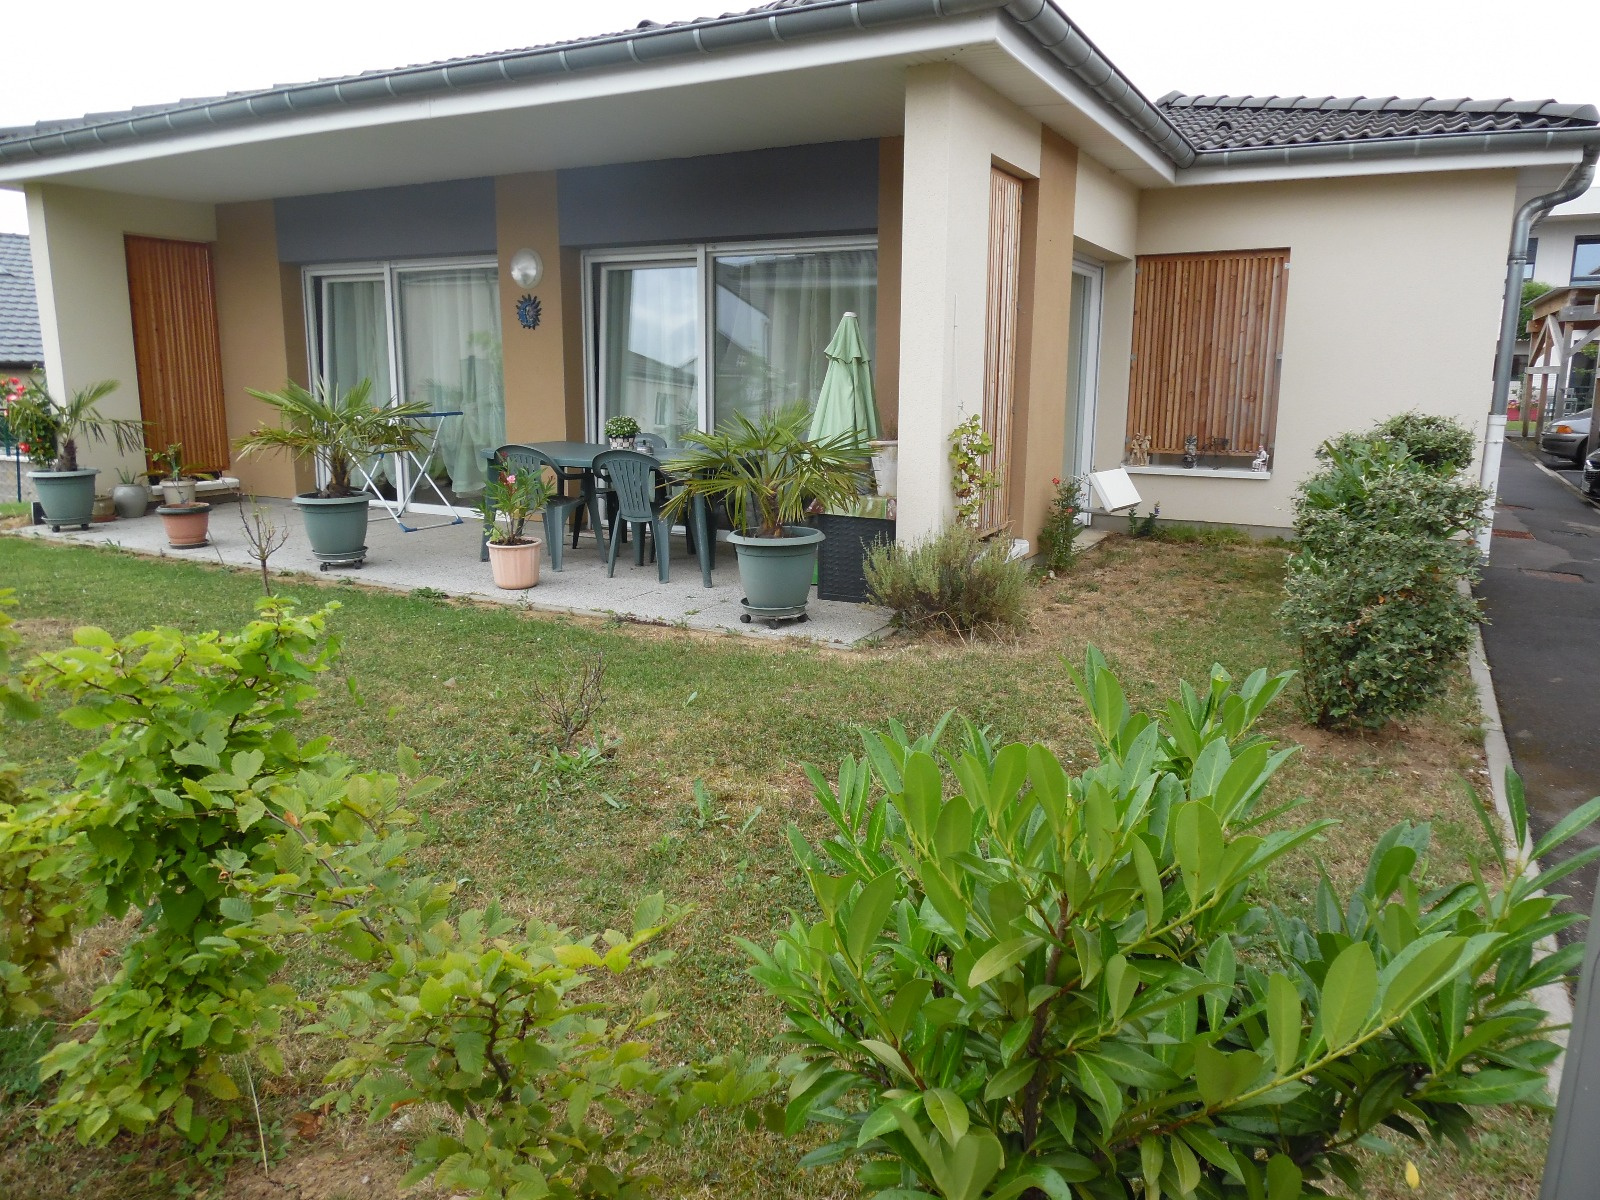 Vente Maison Hagondange 57300 sur Le Partenaire